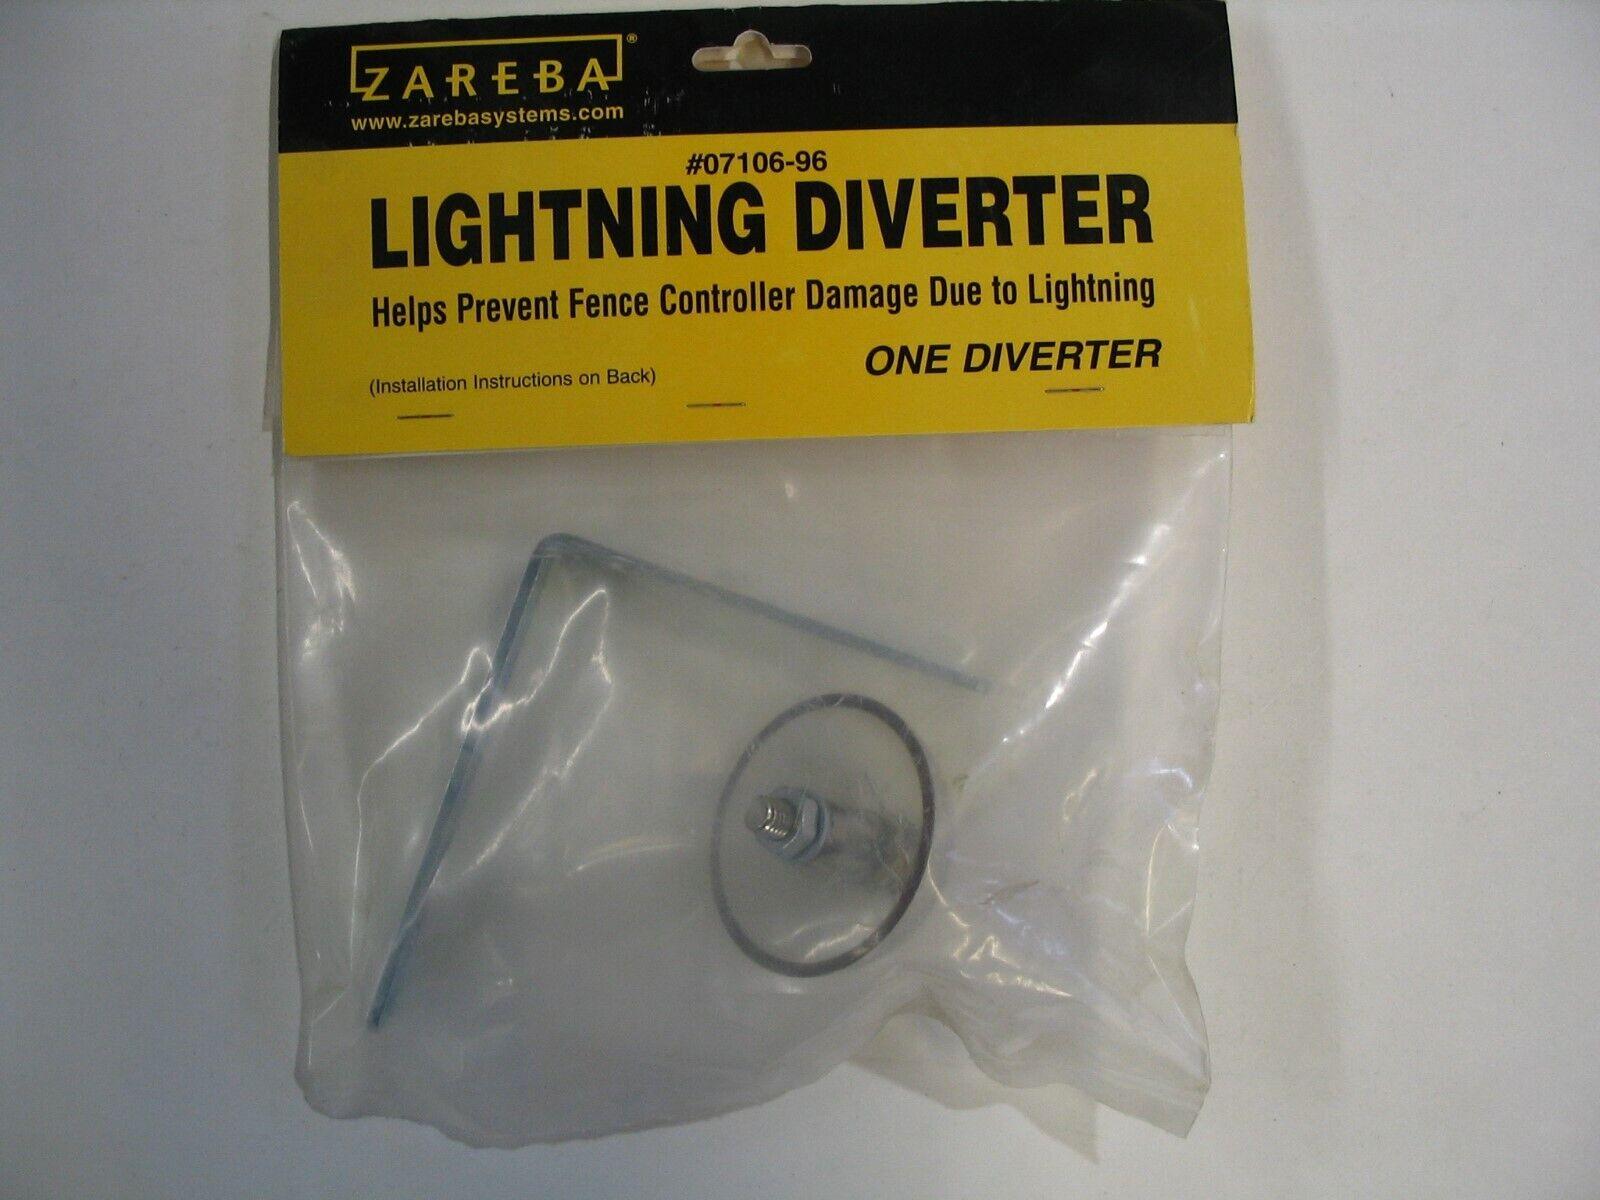 Zareba 07106-96 Premium Lightning Diverter